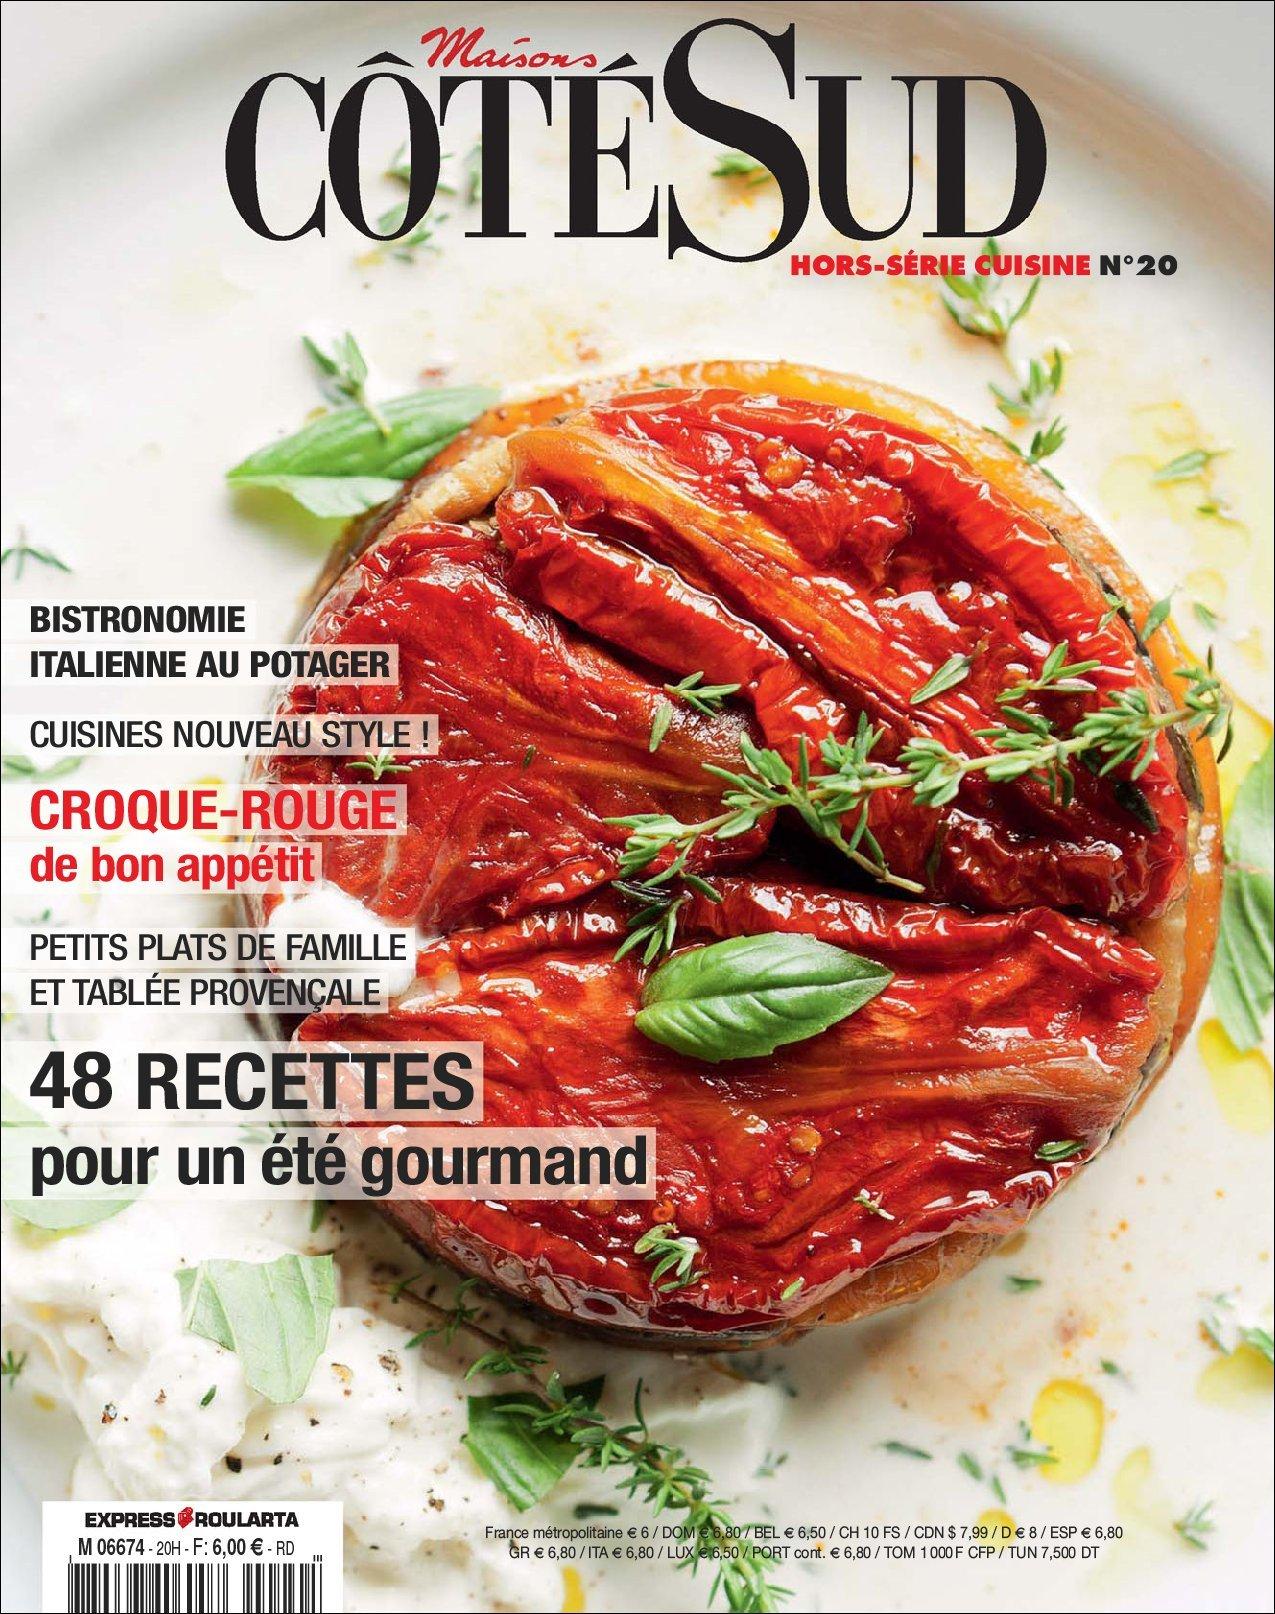 Cot sud hors s rie magazine digital for Hors serie cuisine